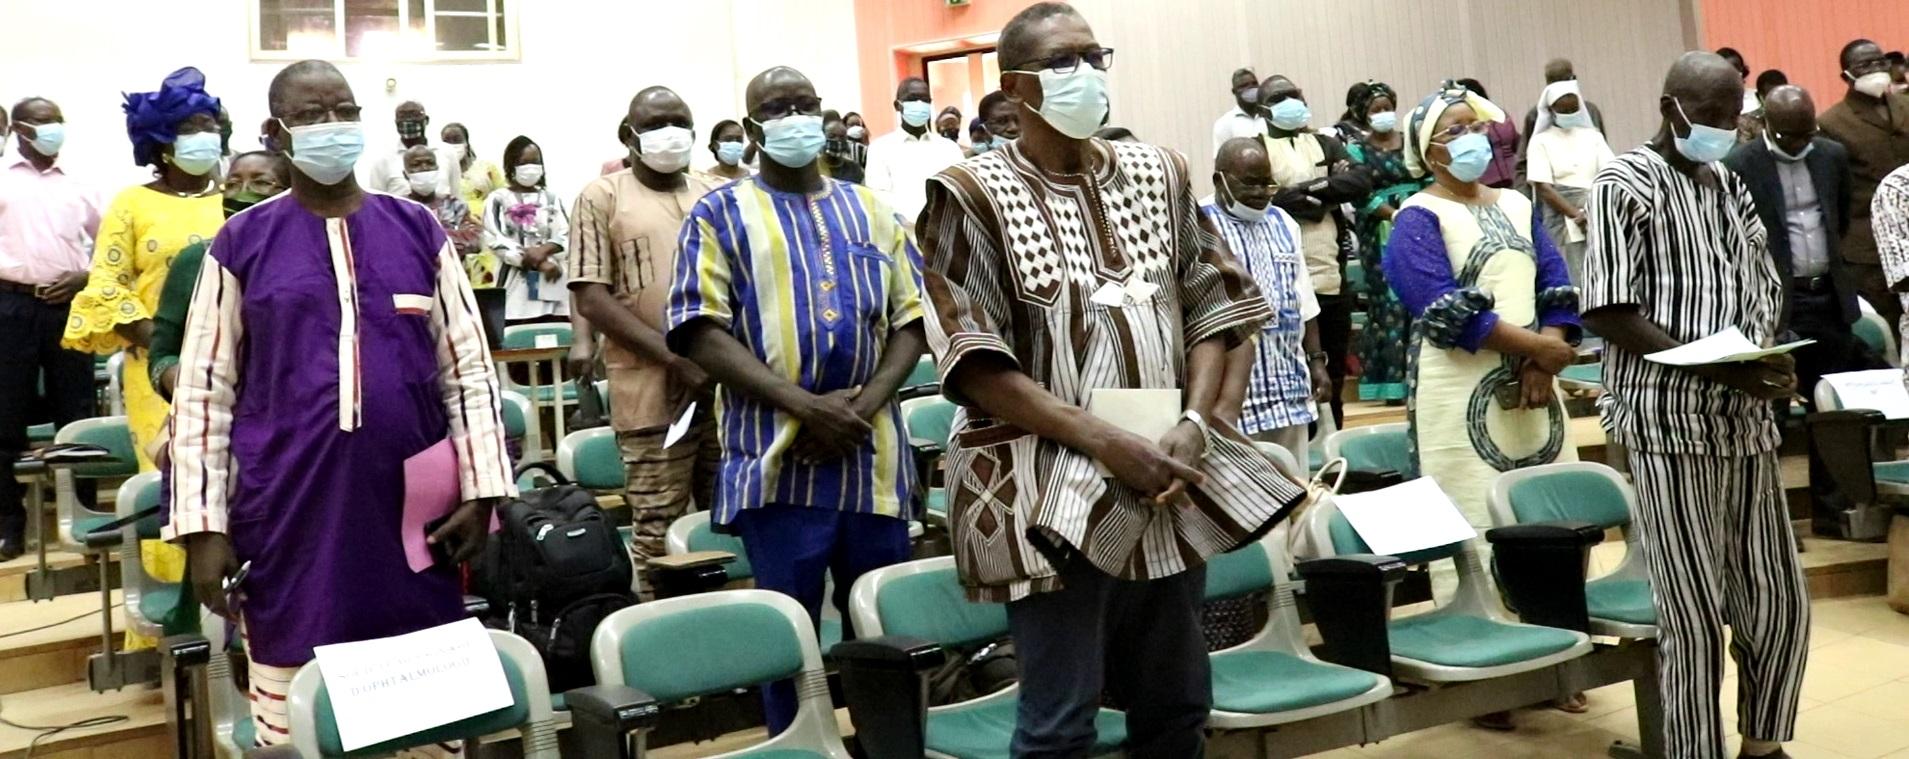 Santé: les attachés de santé en ophtalmologie se concertent pour lutter contre la cécité au Burkina